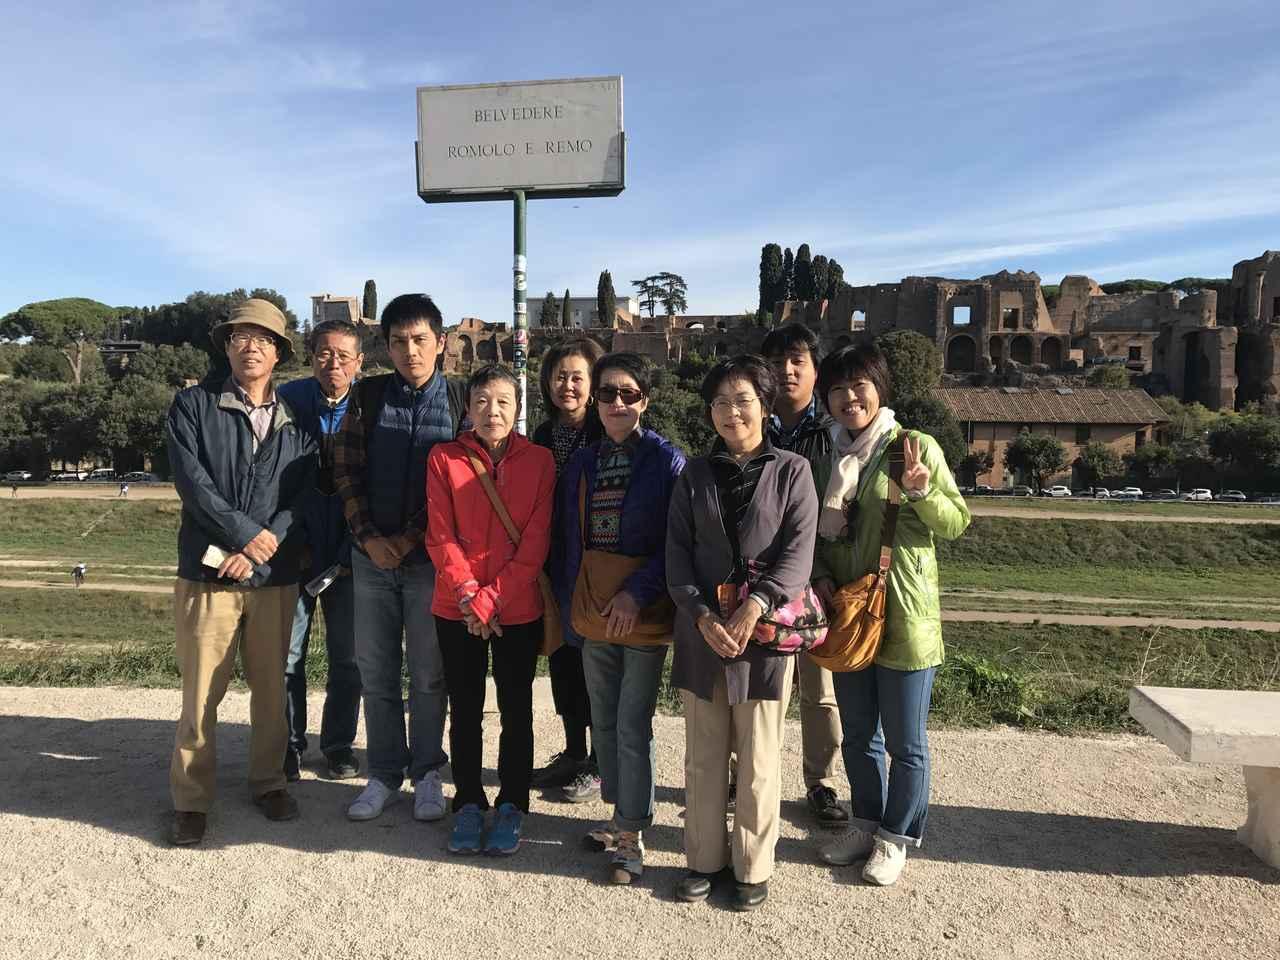 画像9: 翌日は帰国の方々とお別れし、 ボローニャ、フィレンツェ、ローマ観光に向かいました。